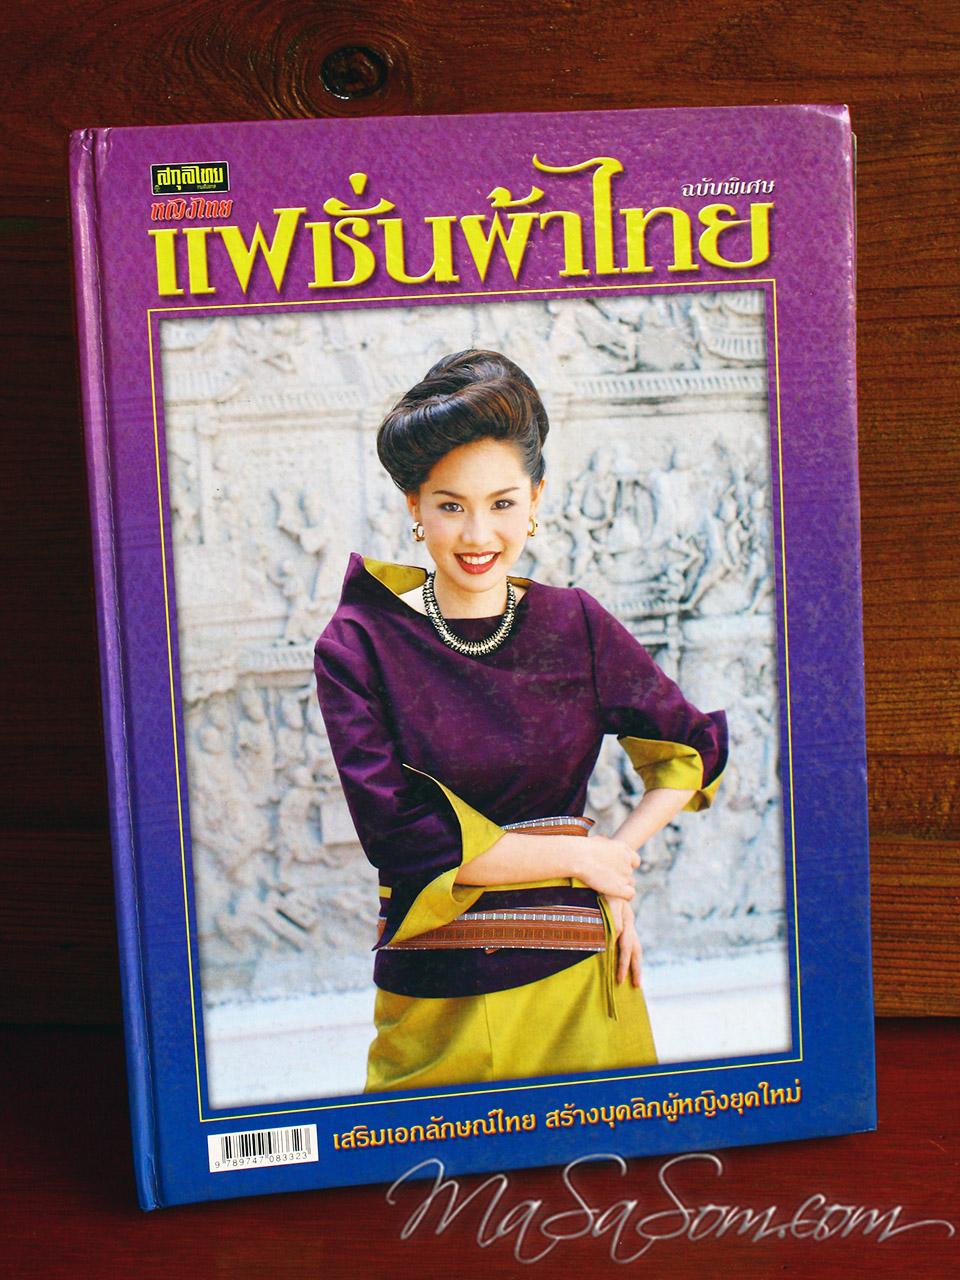 หนังสือแฟชั่นรีวิว หญิงไทยฉบับพิเศษ